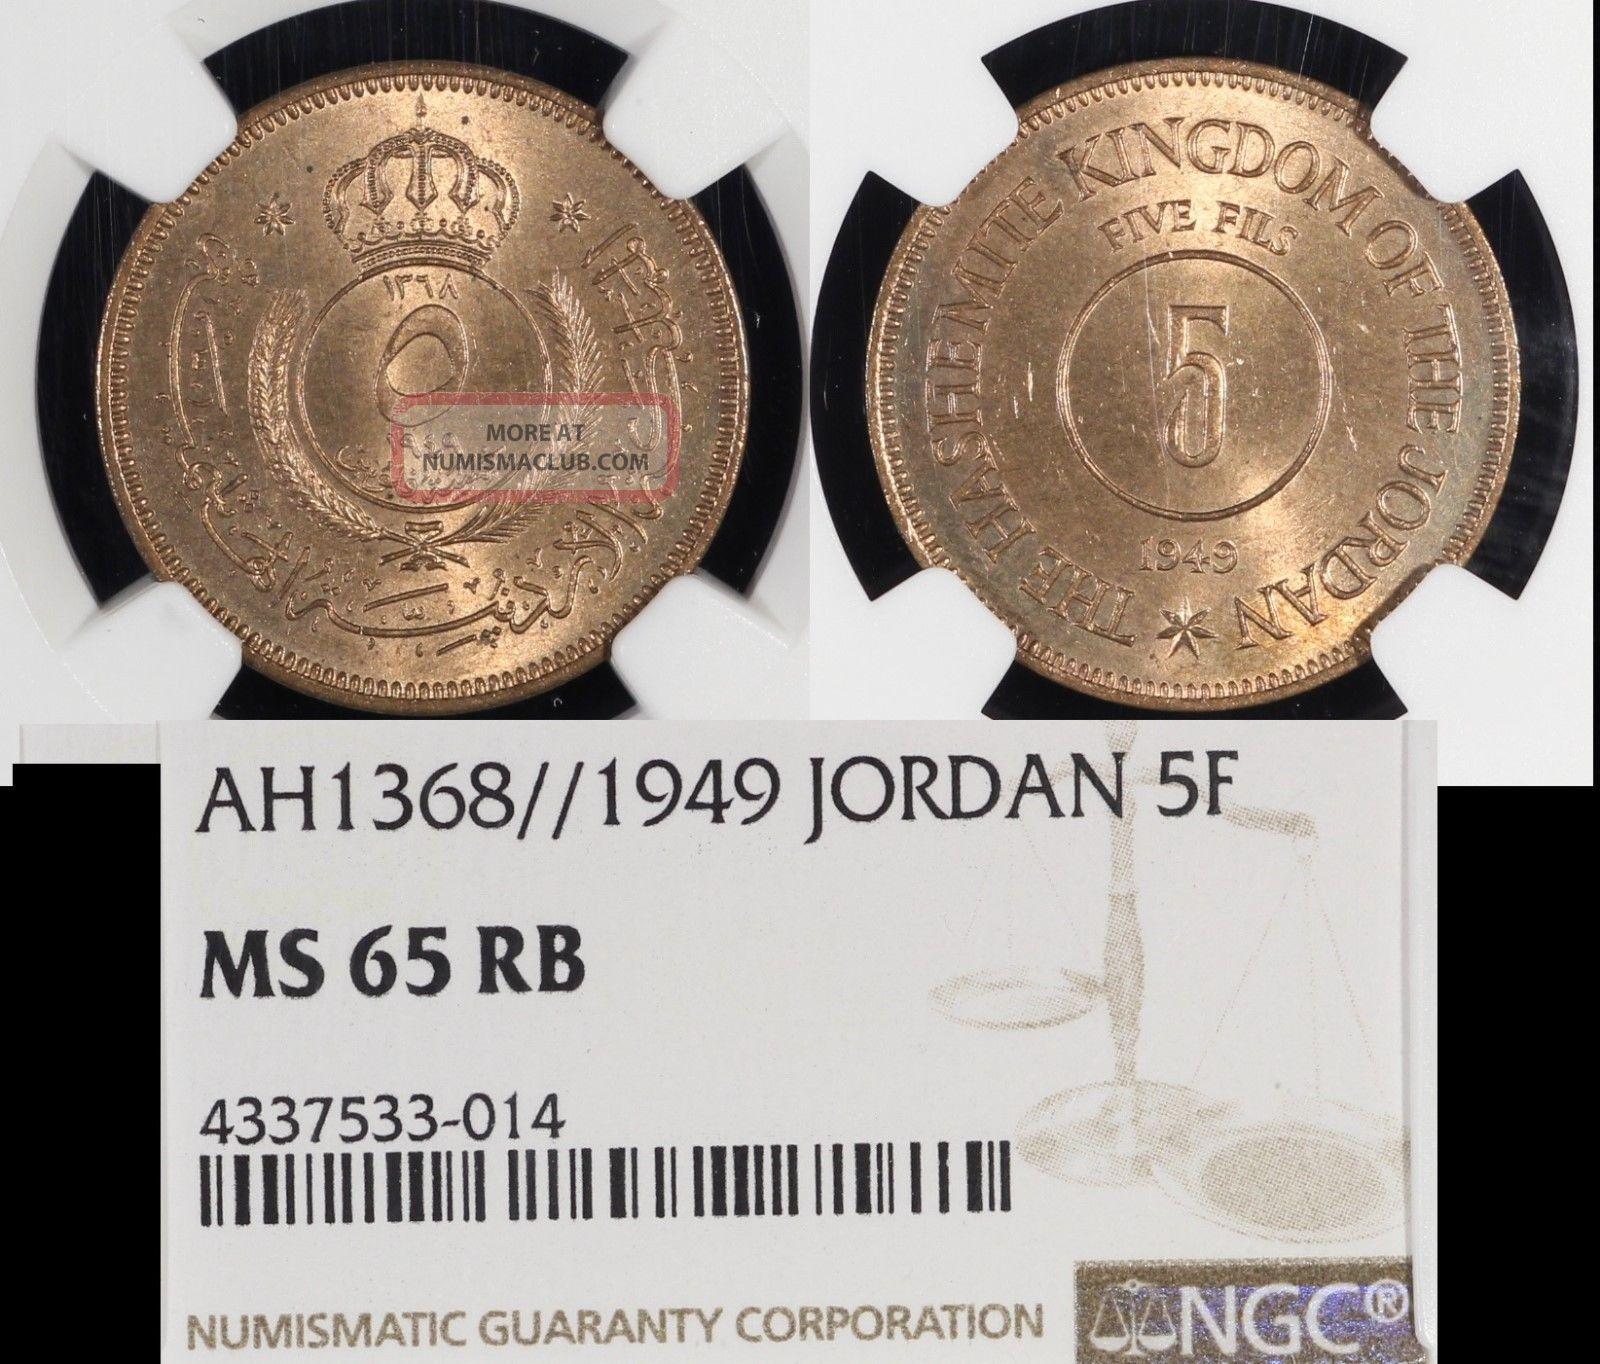 date de sortie 8ec1d 542b7 Jordan 5 Fils, 1949, Ah1368, Ngc Certified Ms 65 Rb, Rare This